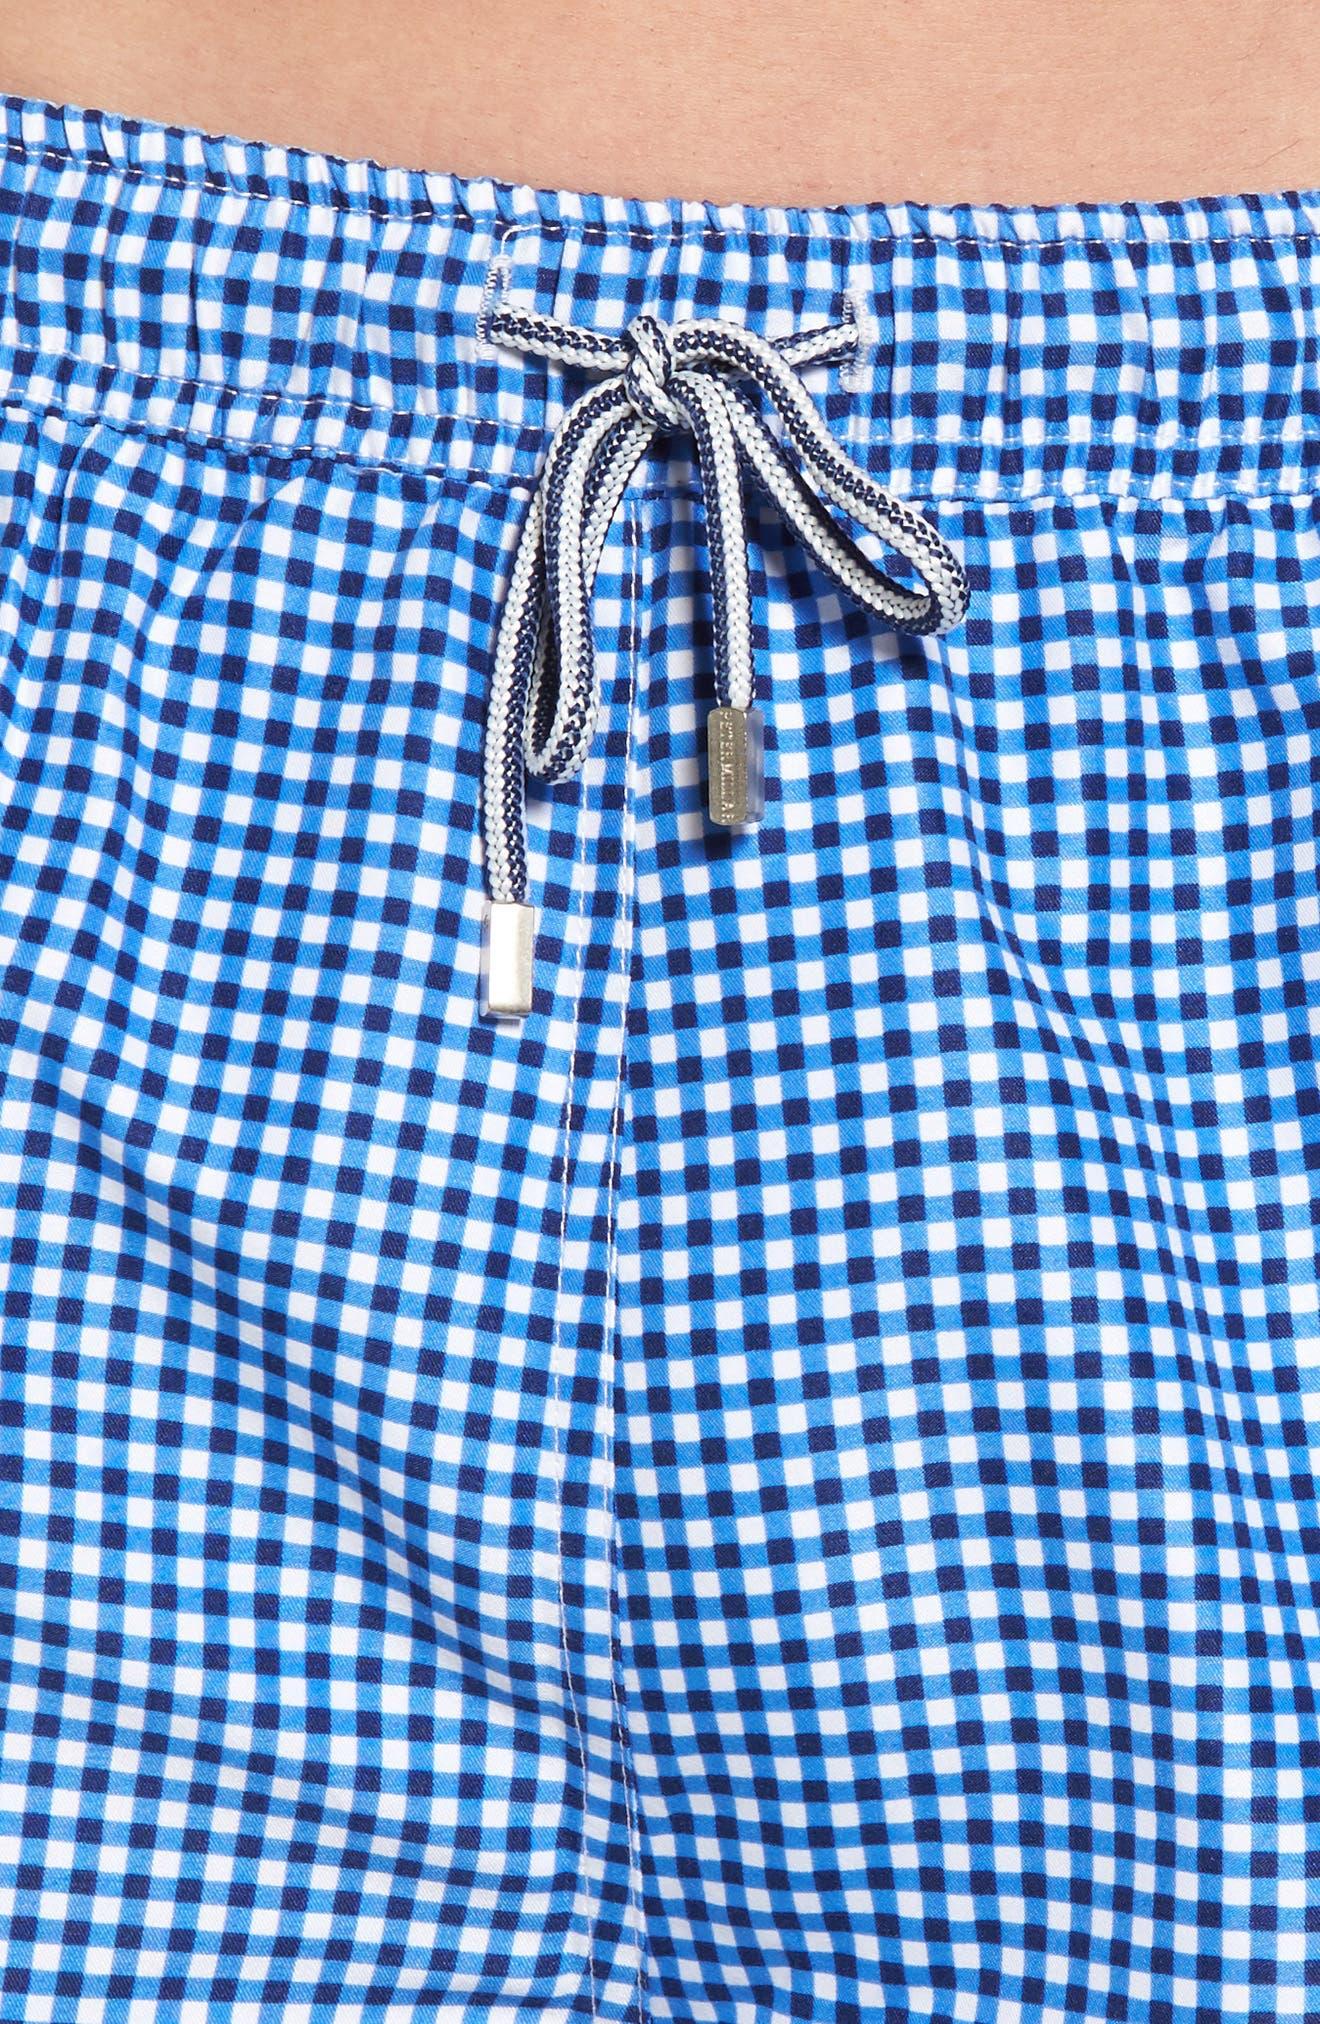 Gingham Style Swim Trunks,                             Alternate thumbnail 4, color,                             ATLANTIC BLUE